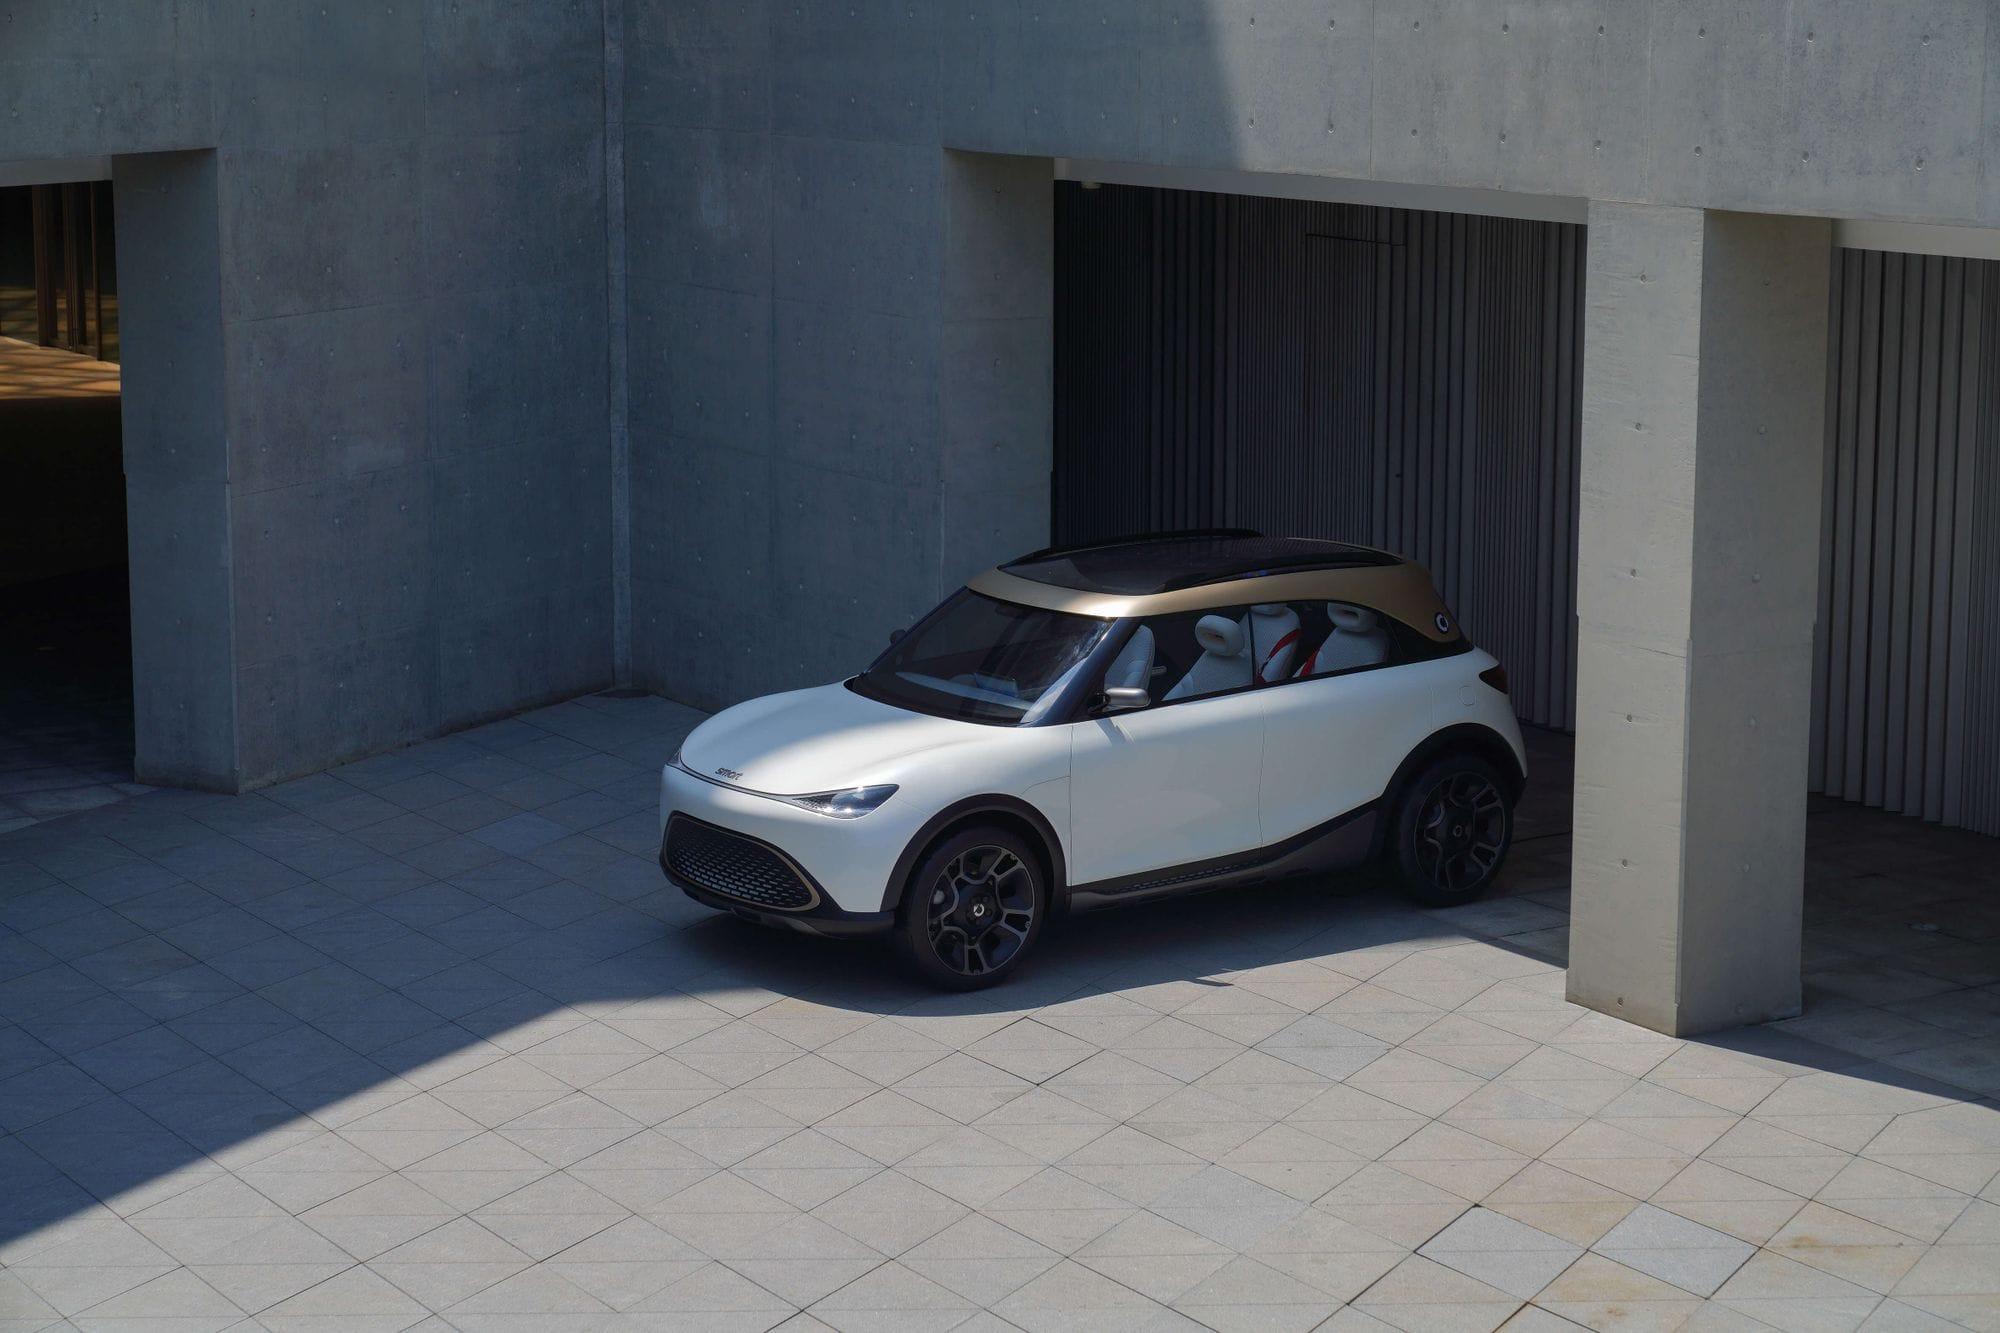 Αυτοκίνητο λευκό